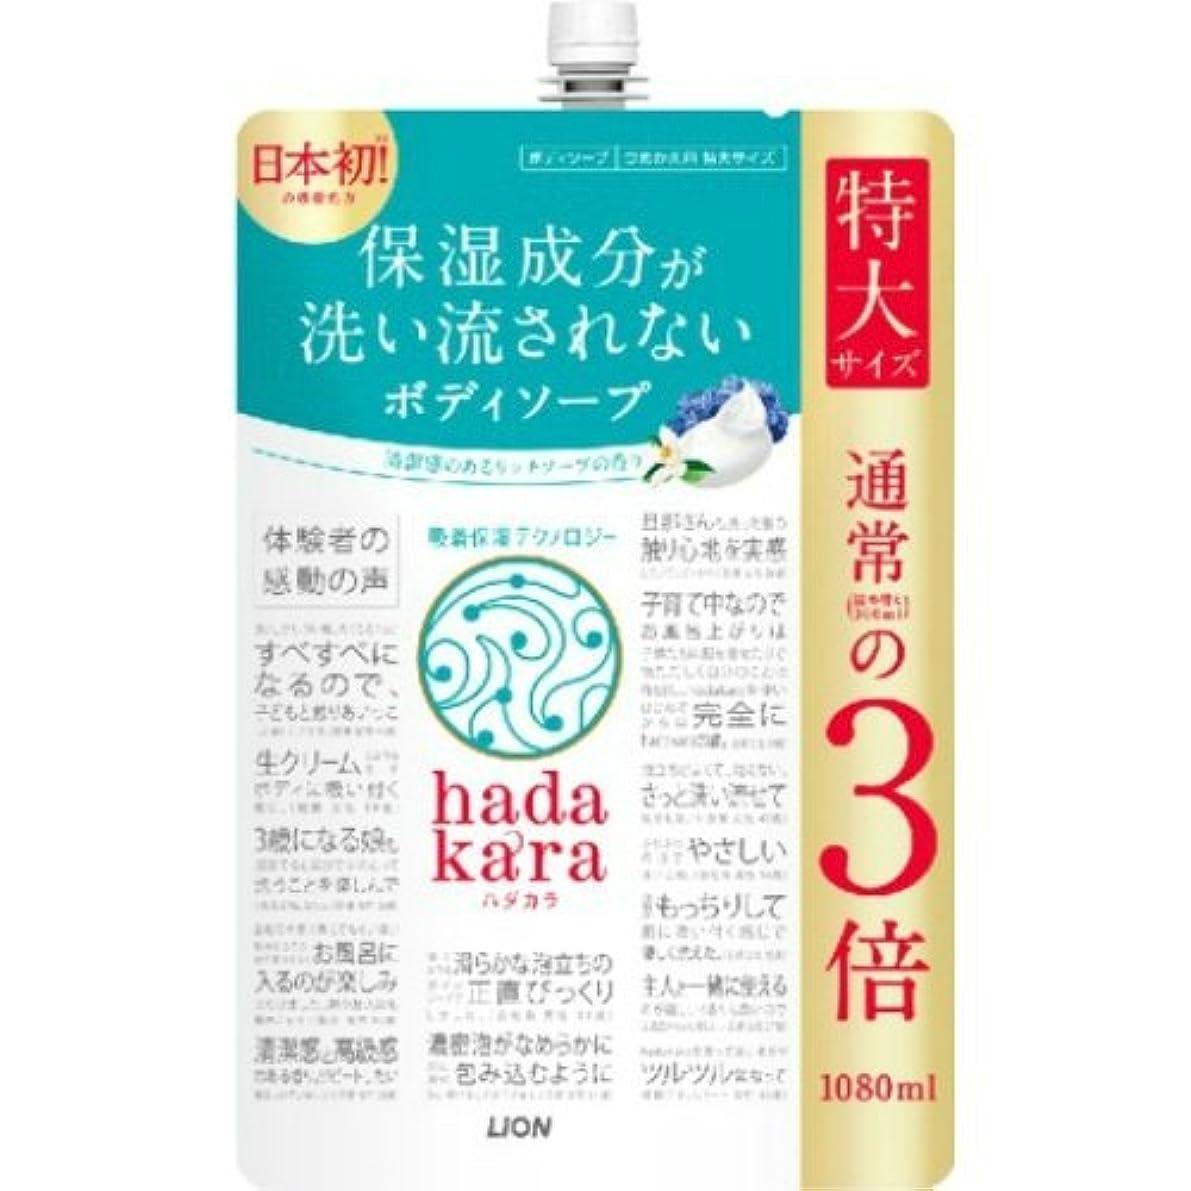 特徴あいにく一緒にLION ライオン hadakara ハダカラ ボディソープ リッチソープの香り つめかえ用 特大サイズ 1080ml ×006点セット(4903301260882)